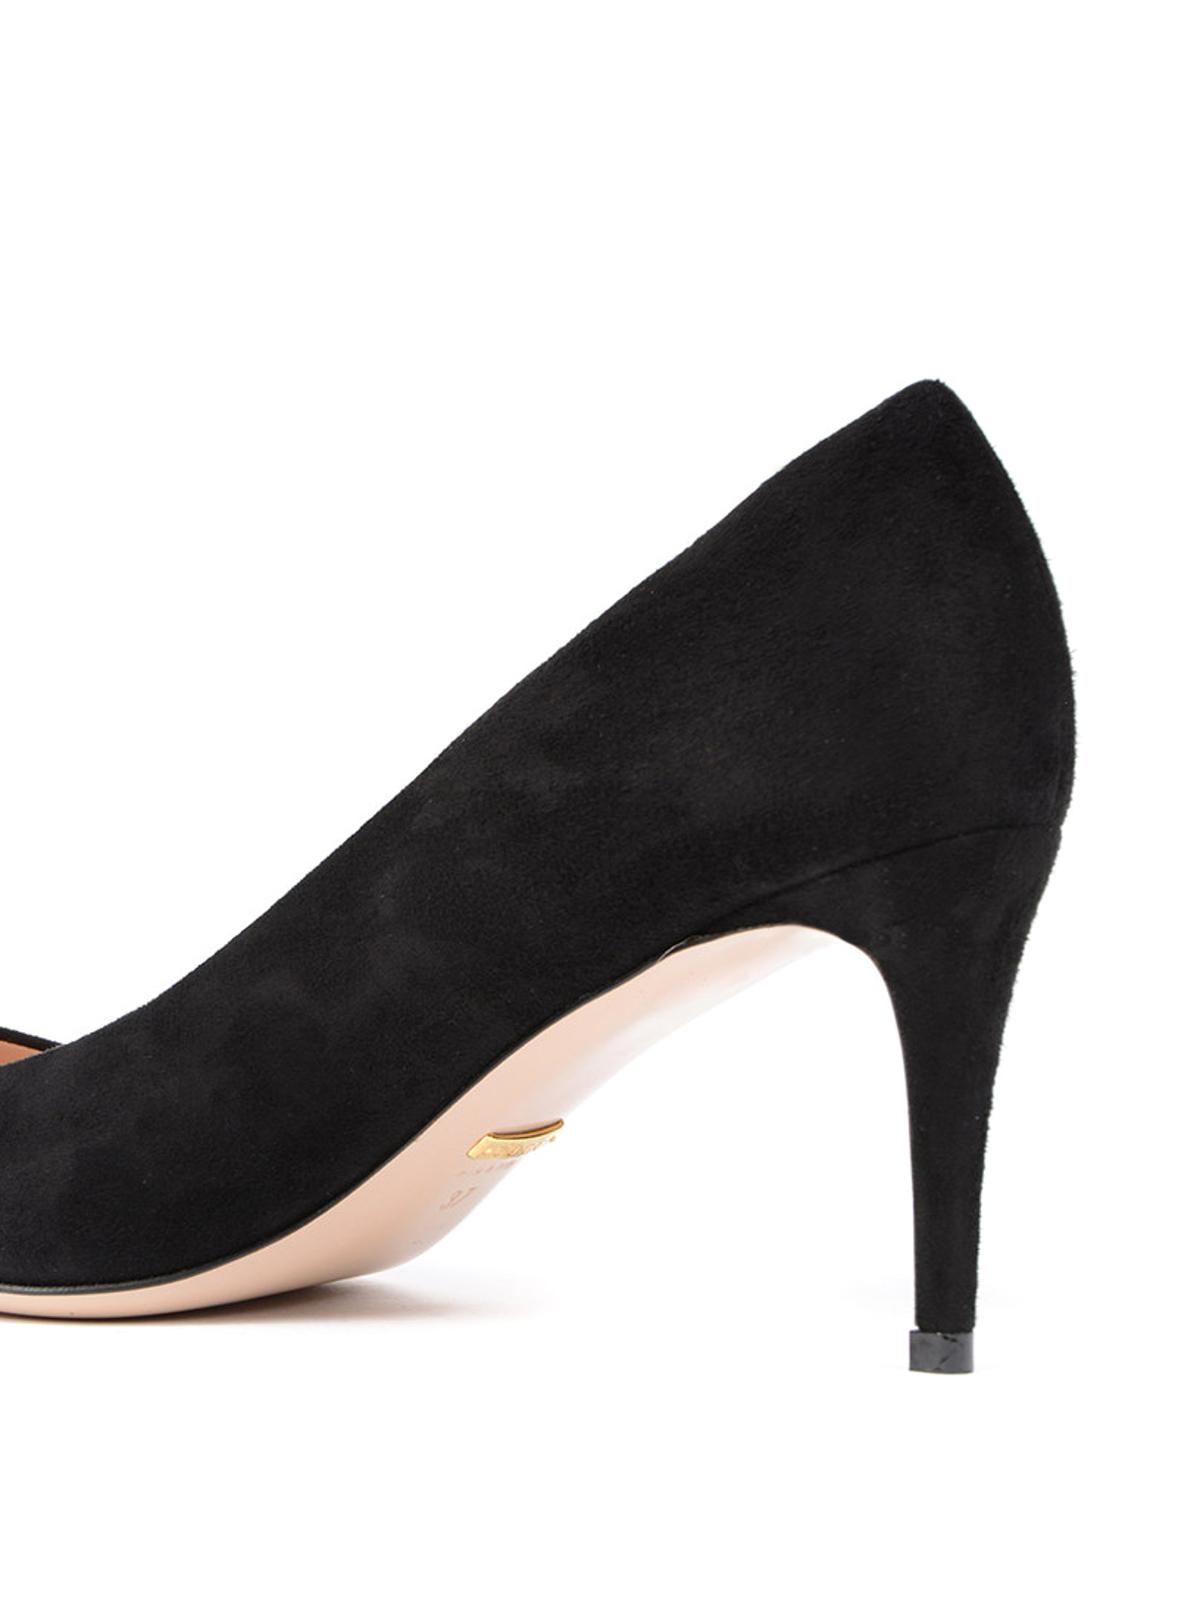 Gucci - Mid stiletto heel suede pumps